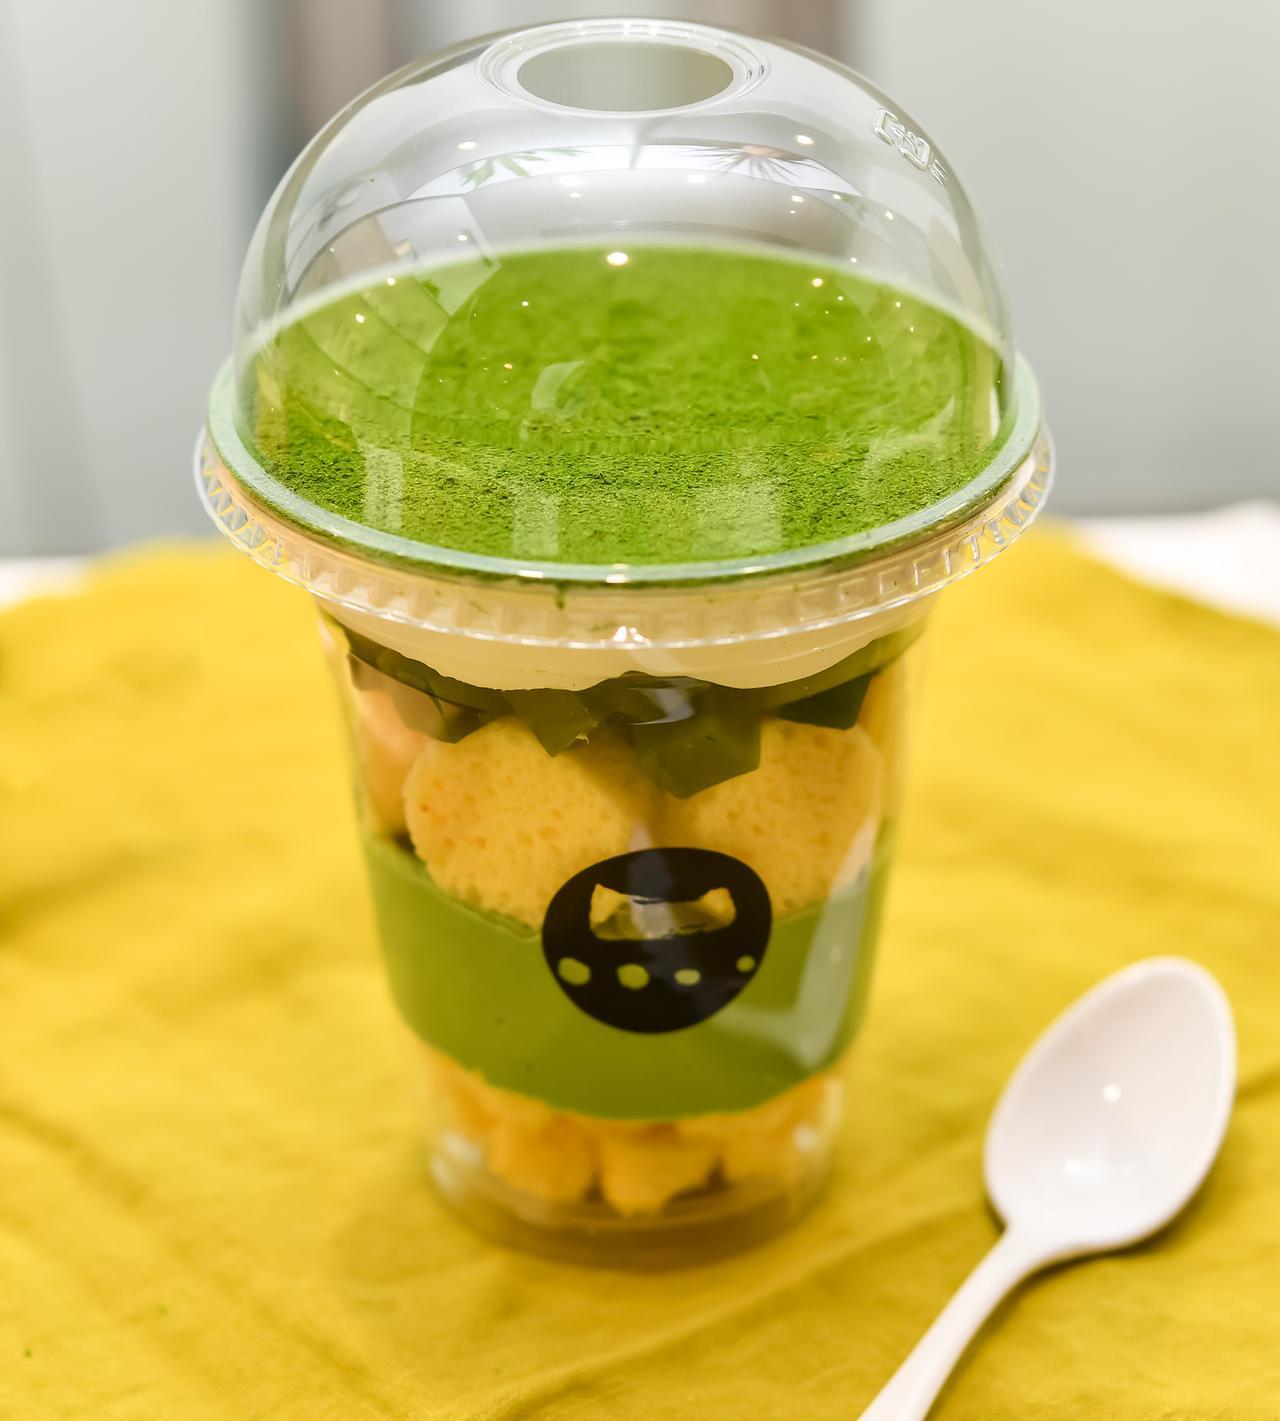 画像: 程よい甘みの小倉餡とほんのりとした渋みの抹茶アイスが溶け合う抹茶パフェ。